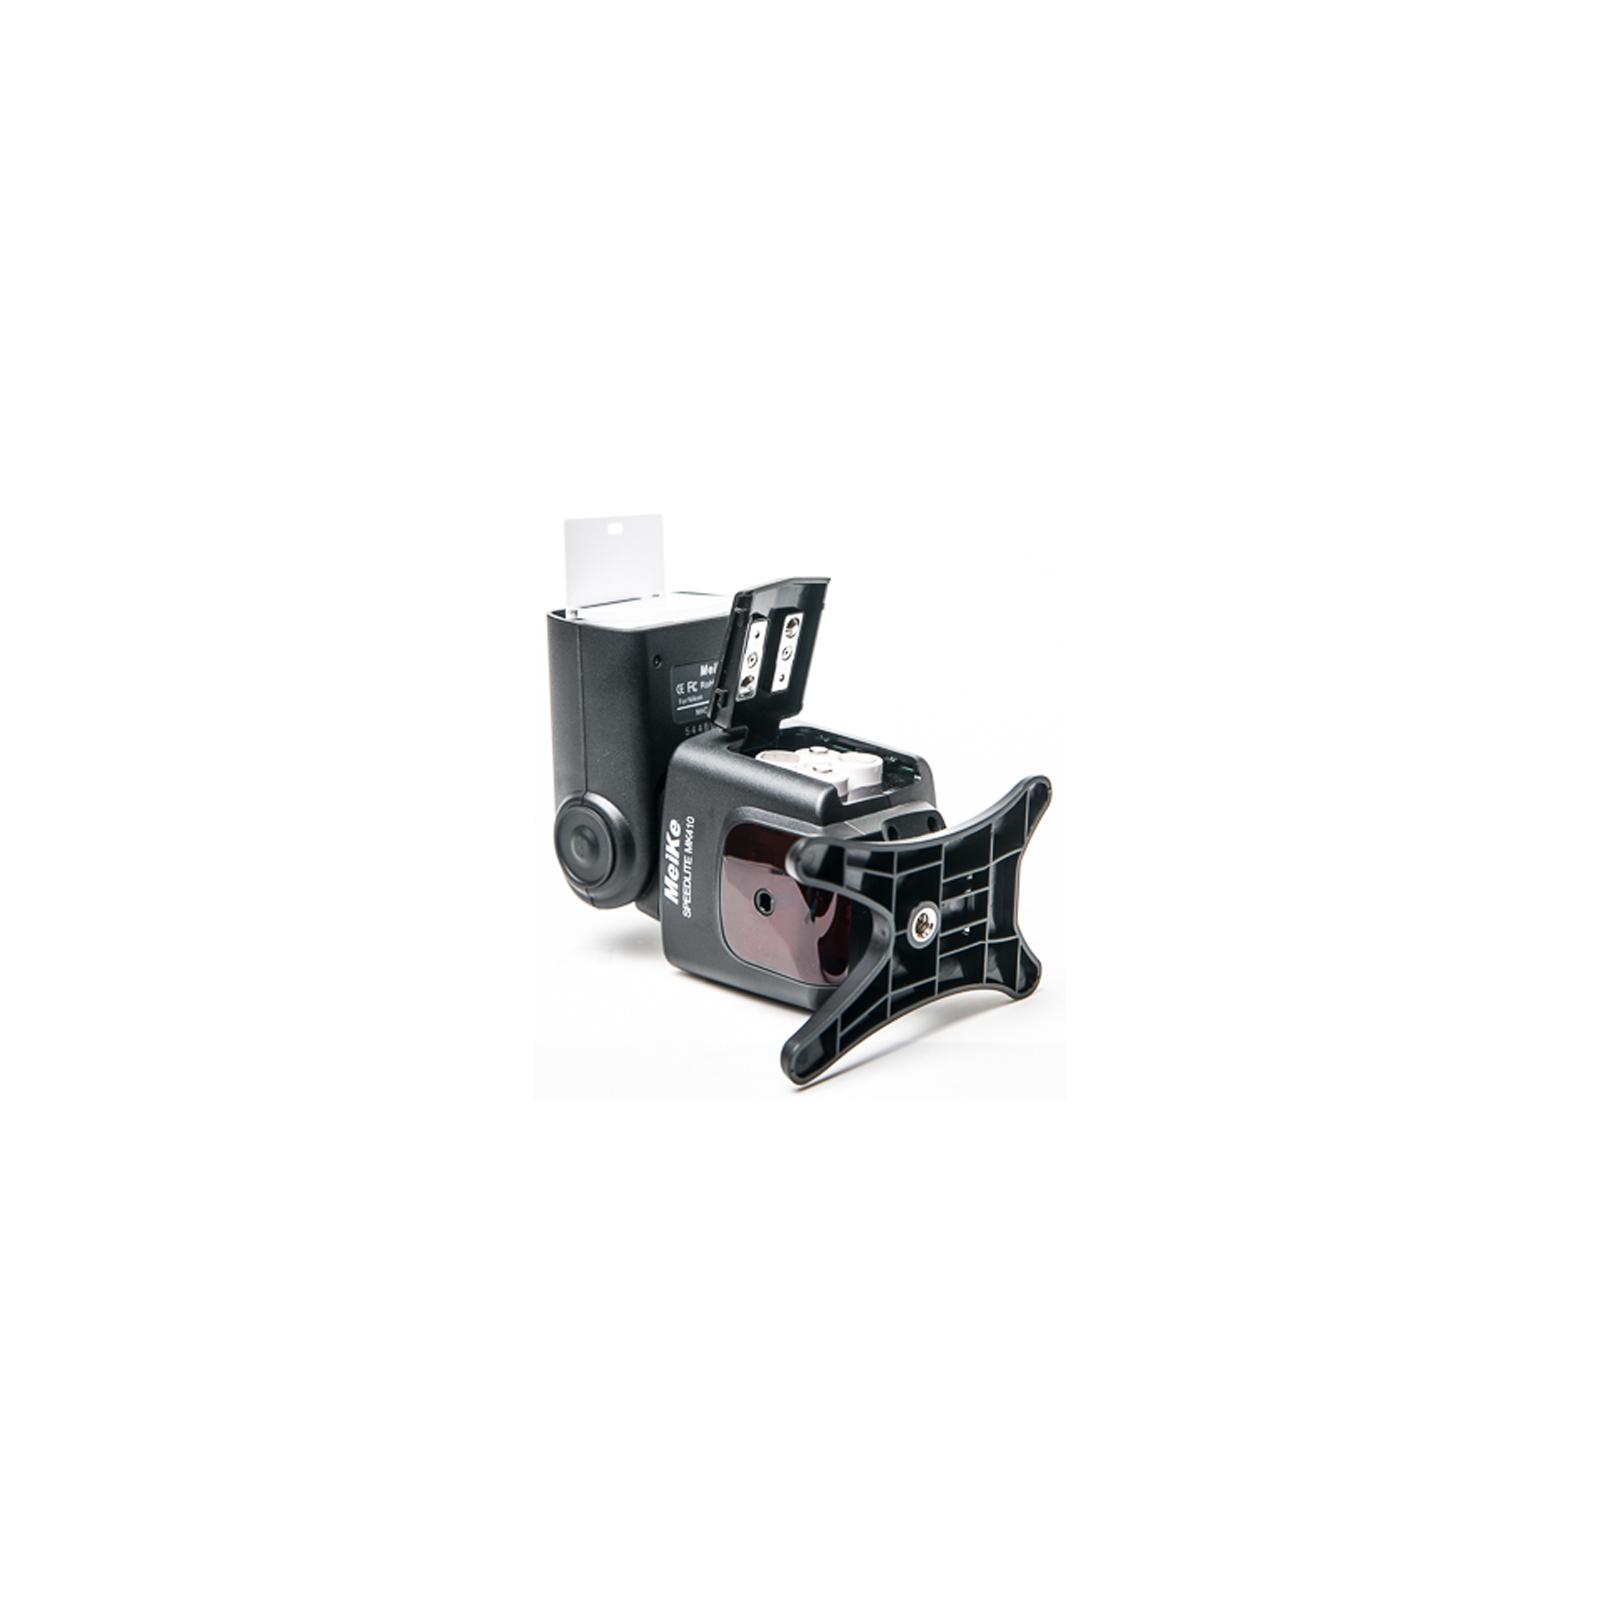 Вспышка Meike Canon 410c (SKW410C) изображение 4